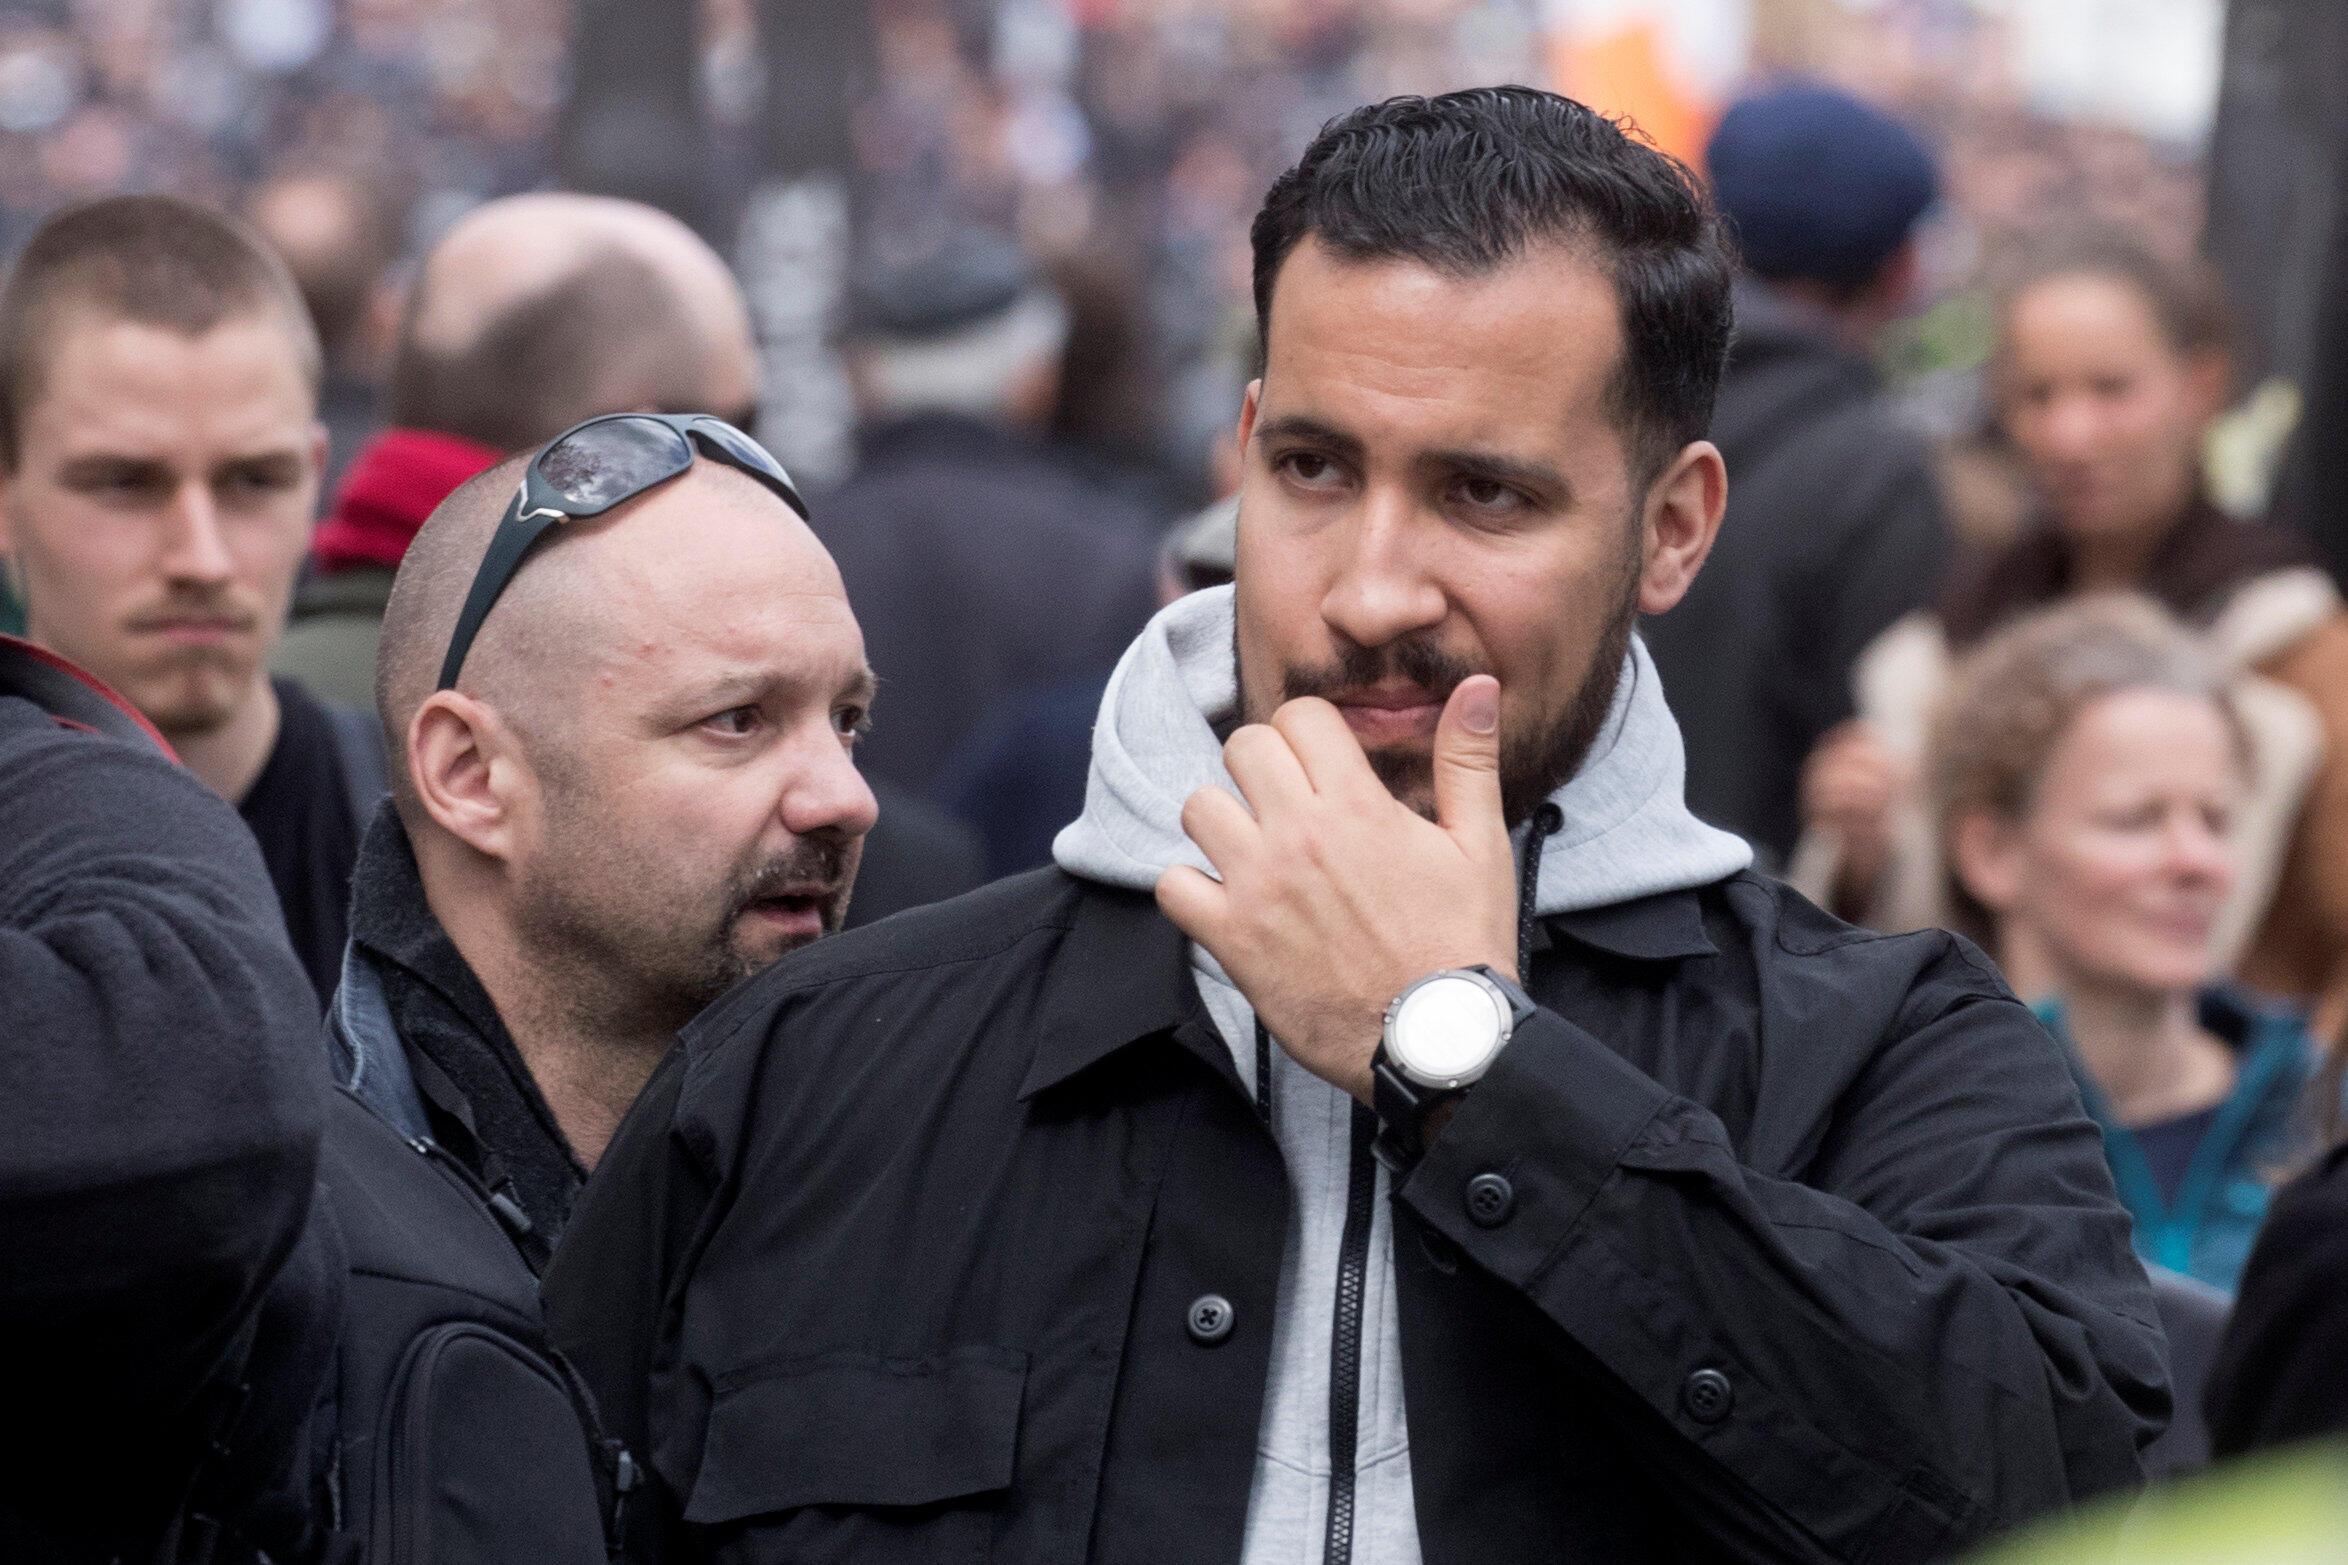 Бывшего жандарма Венсена Краза (слева на заднем плане) устроил в Елисейский дворец его давний друг Александр Беналла (на переднем плане), охранник, чьи действия вызвали во Франции громкий политический скандал